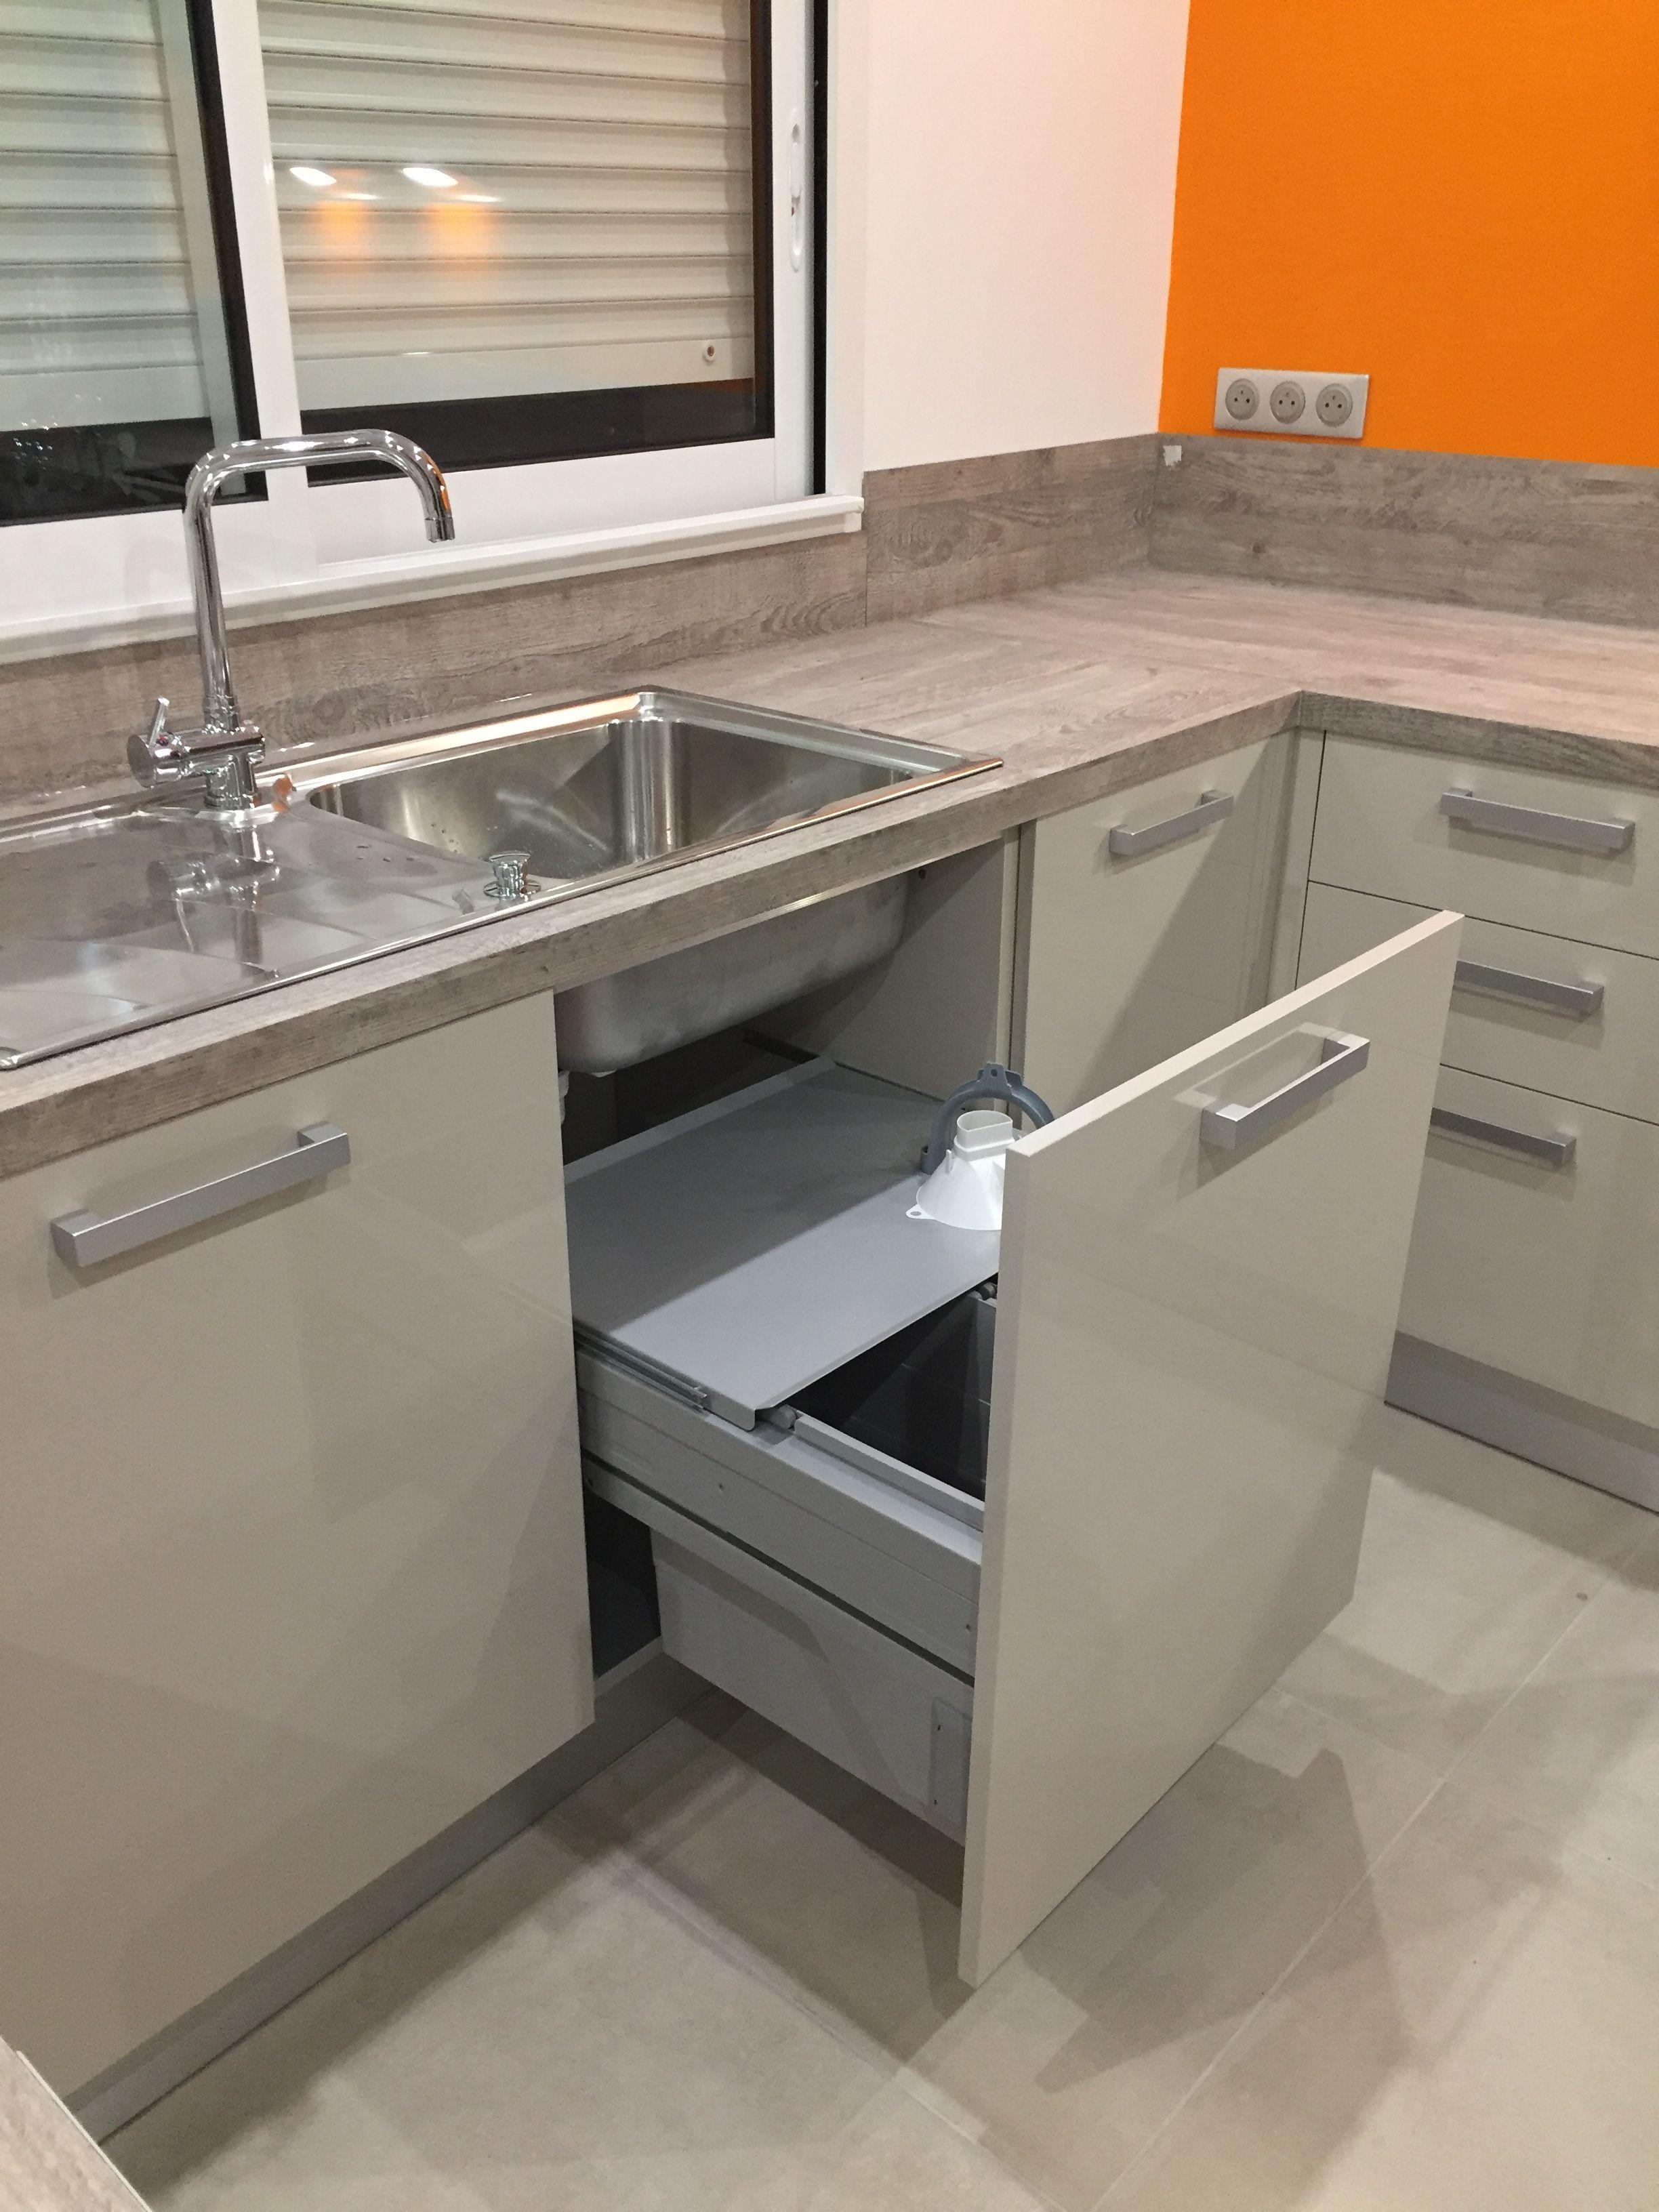 Evier Inox Avec Poubelle Coulissante En Dessous Modelos De Cozinha Cozinha Planejada Cozinha